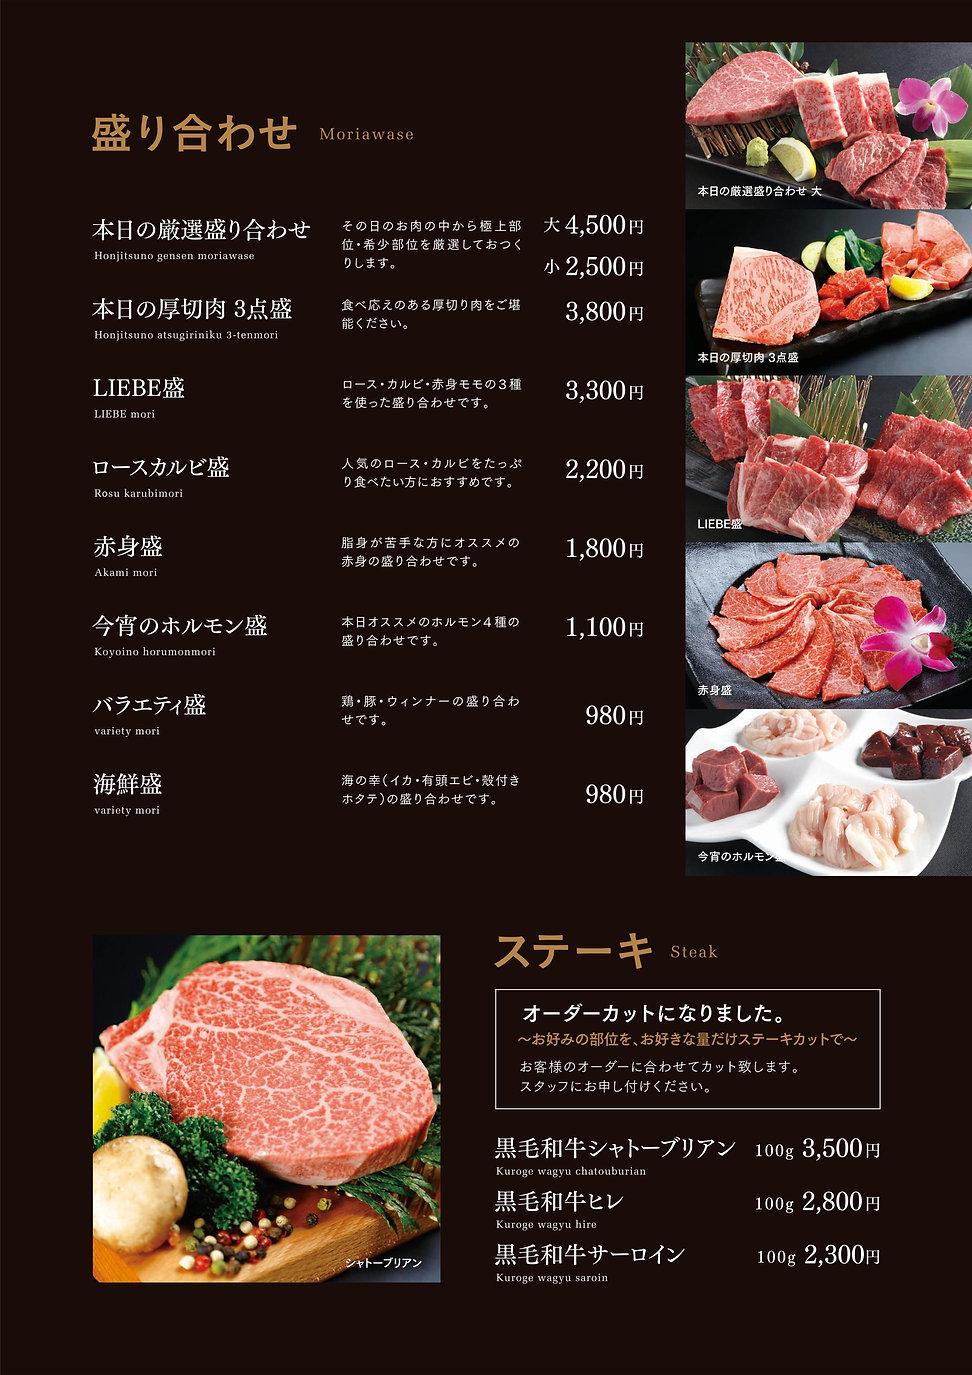 盛りステーキ.jpg